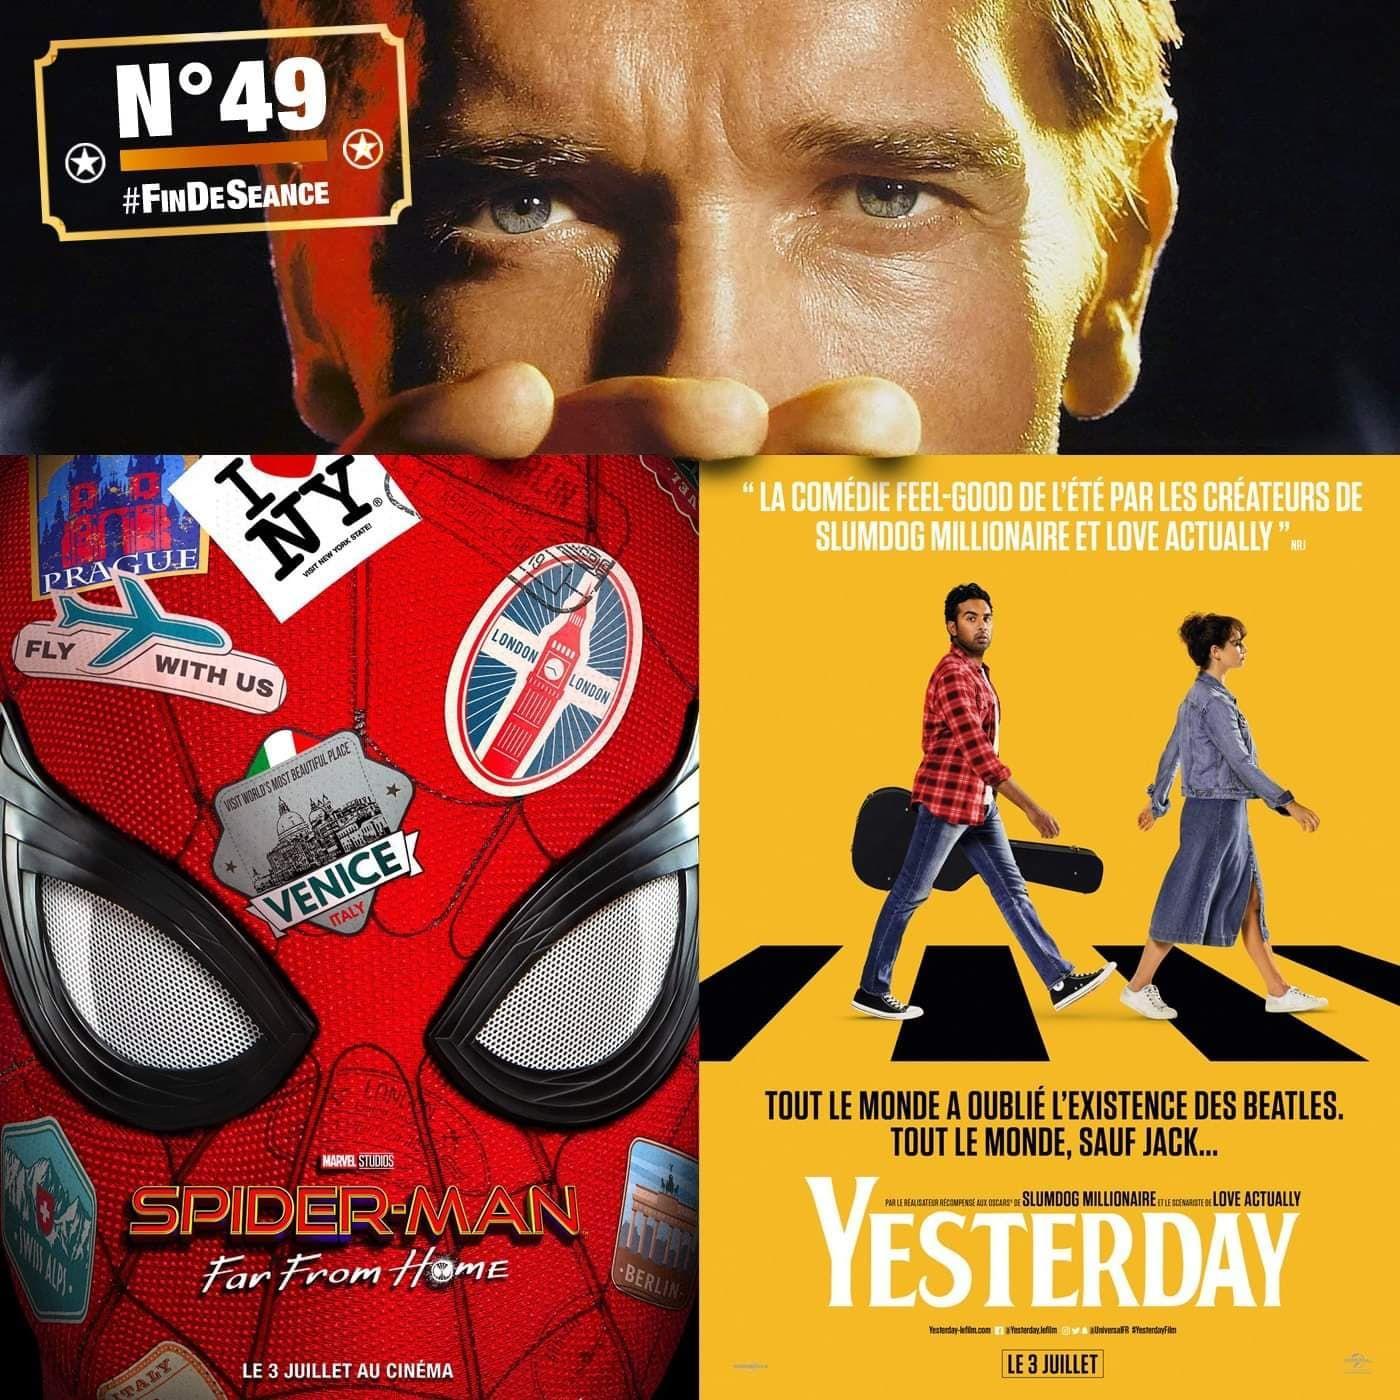 #49 SPIDER-MAN Far from home & YESTERDAY : Amours, Gloire et Toiles d'araignééée !